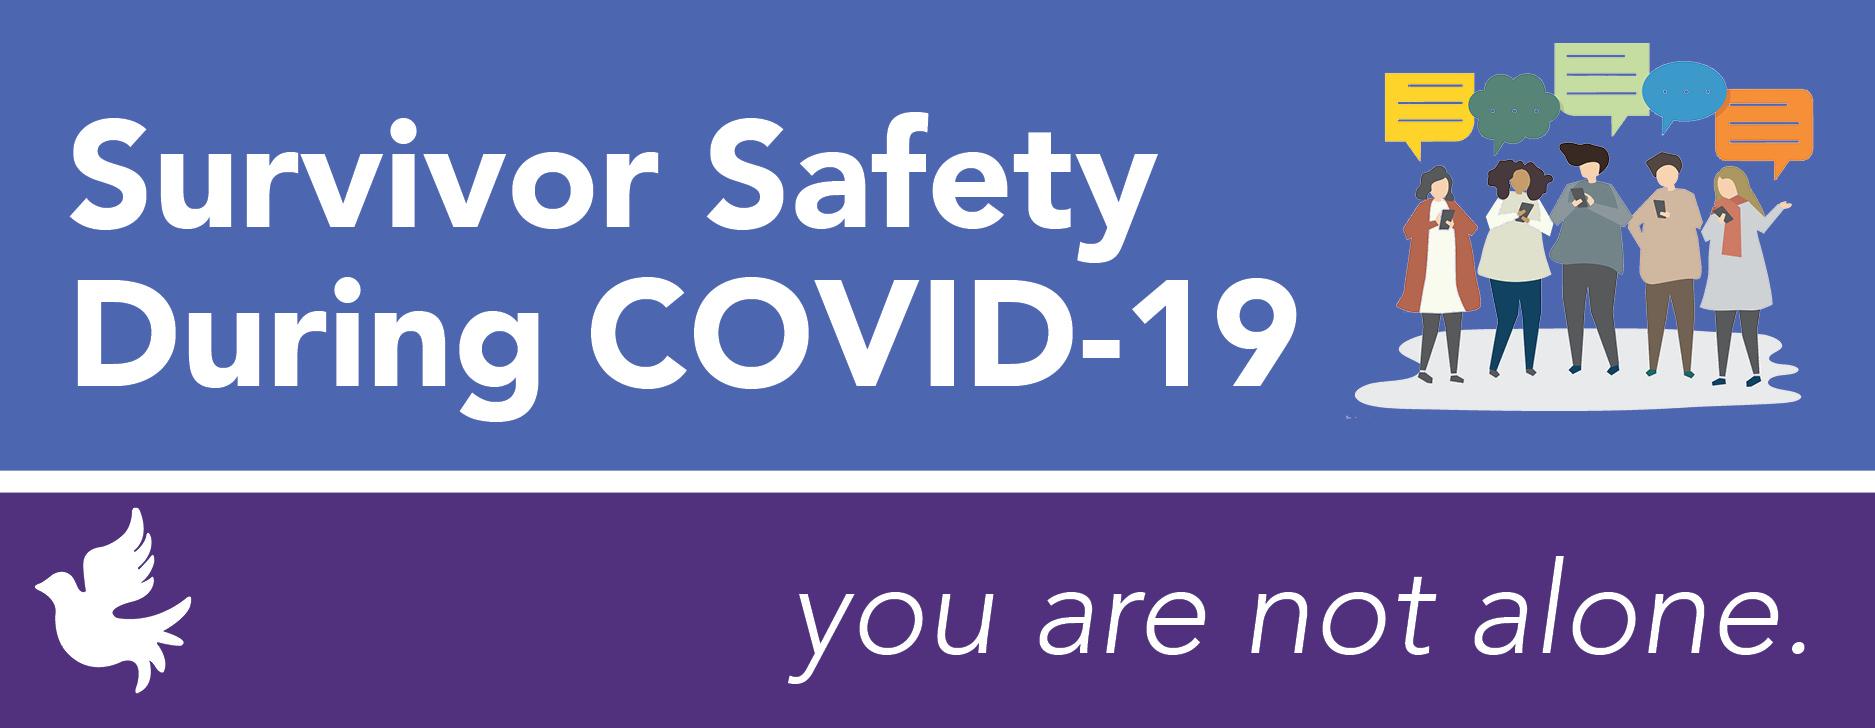 20200326 survivor safety